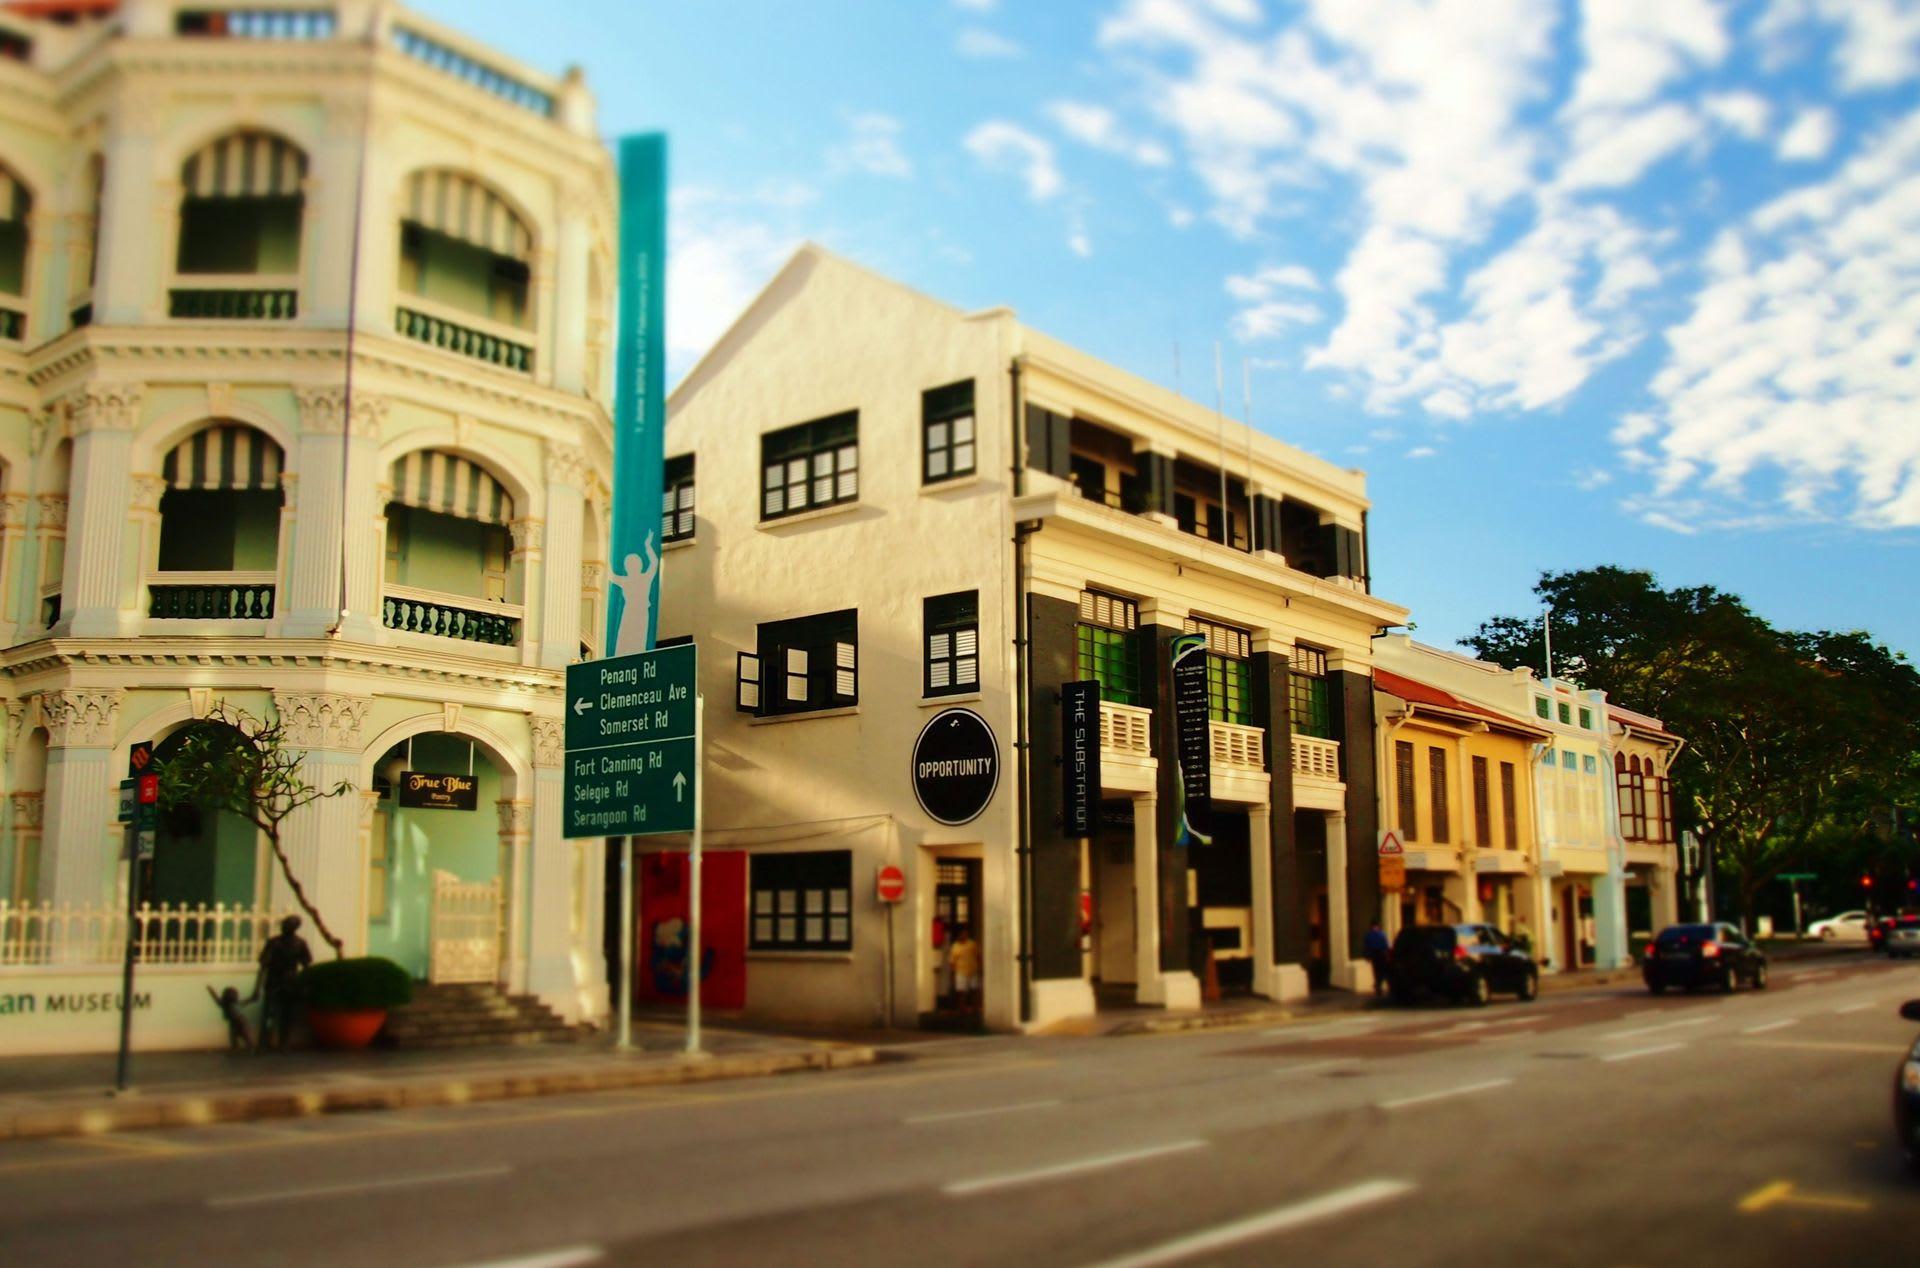 シンガポールはなんだか街並みに外国感がないなあーなんて思うけど こうして見ると結構外国っぽいし、